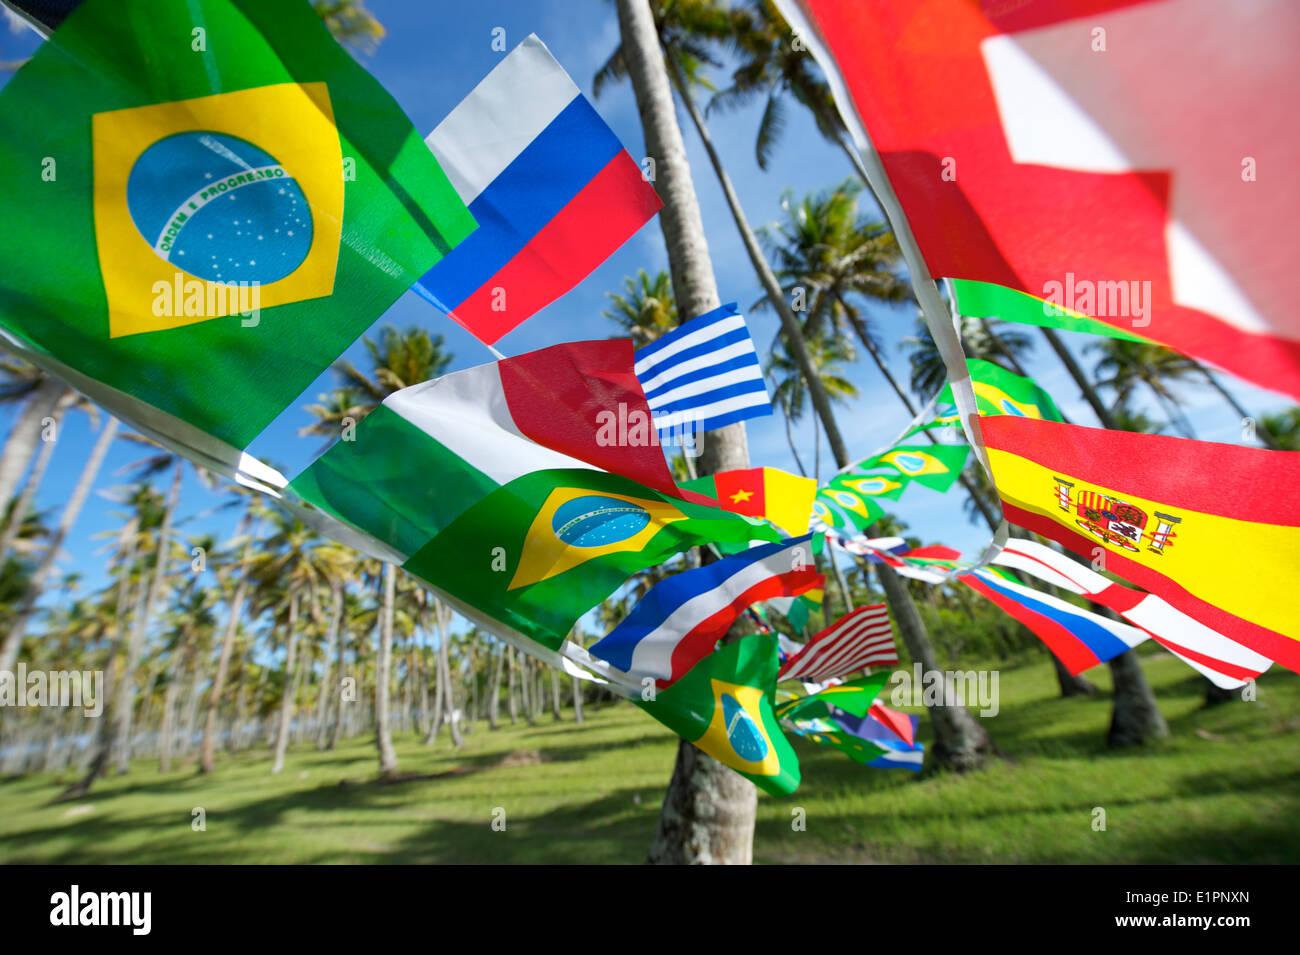 Brasilianische Dekoration brasilianische und internationale fahnen girlande dekoration weht in